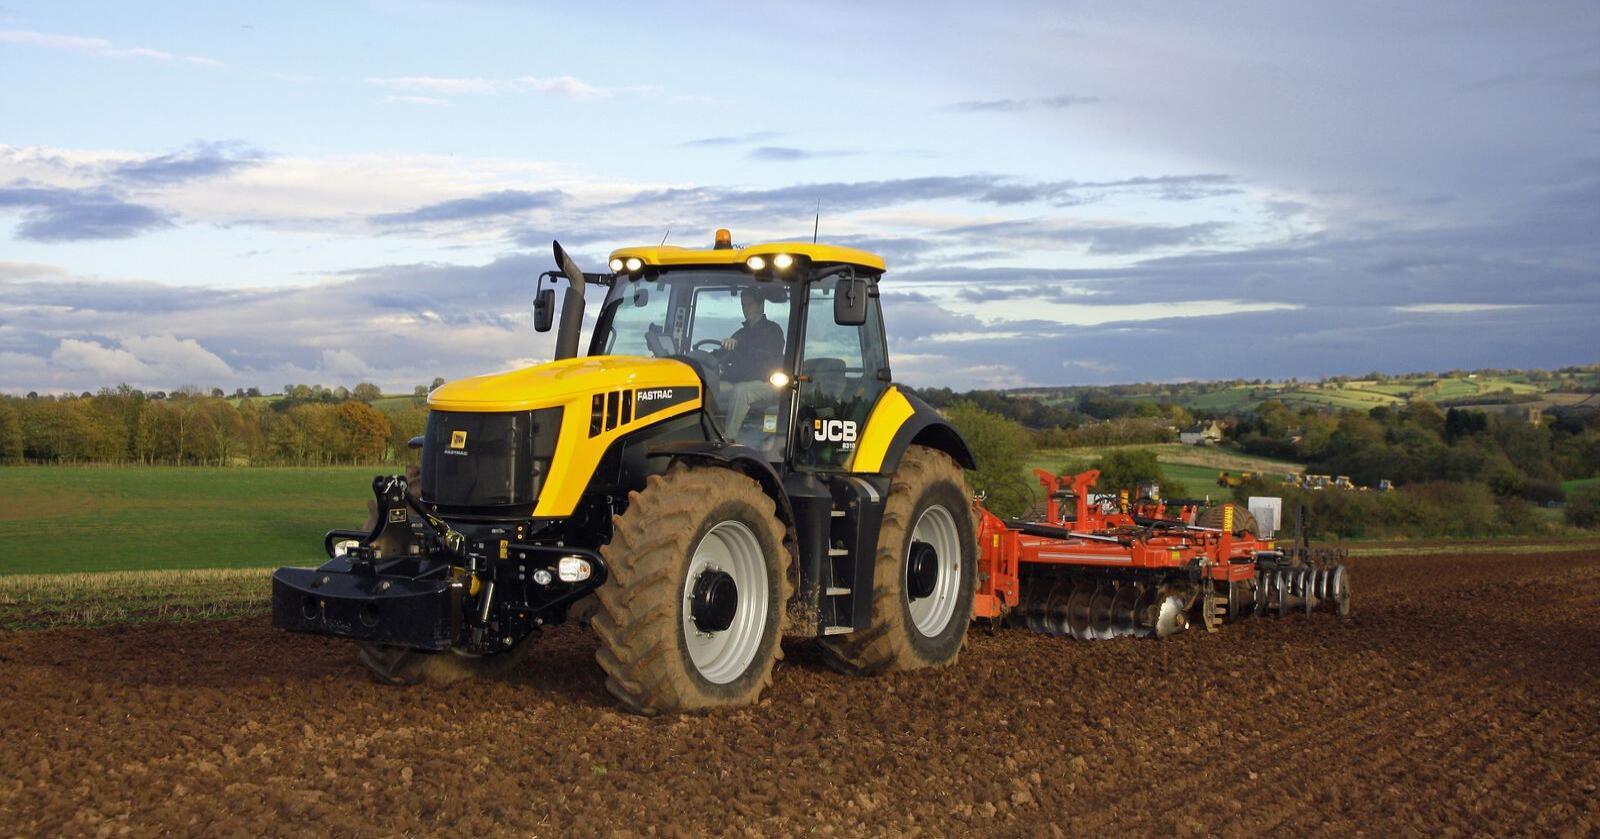 Traktorsalget påvirkes av koronaepemien også på de britiske øyer. I mai falt antall nyregistreringer med 42 prosent.